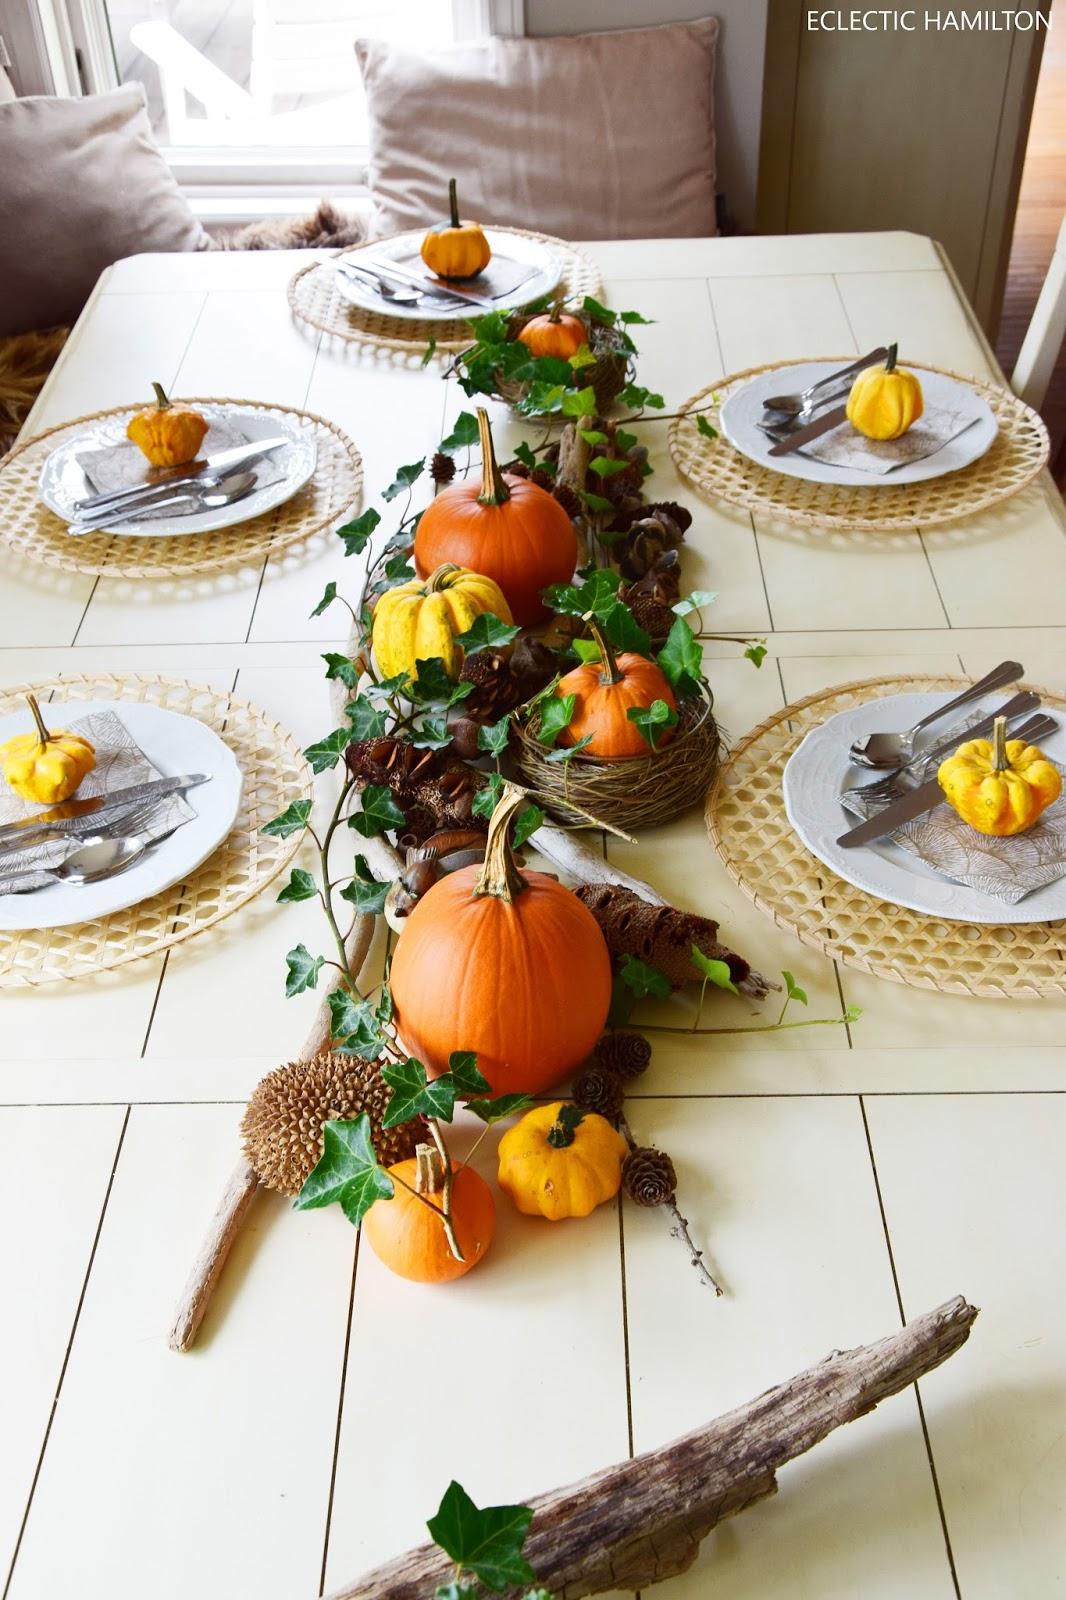 Dekoideen mit Kürbis für den Herbst. Kürbisse natürlich dekorieren. Tischdeko, Tisch dekorieren Herbstdeko, herbstliche Deko, gedeckter Tisch